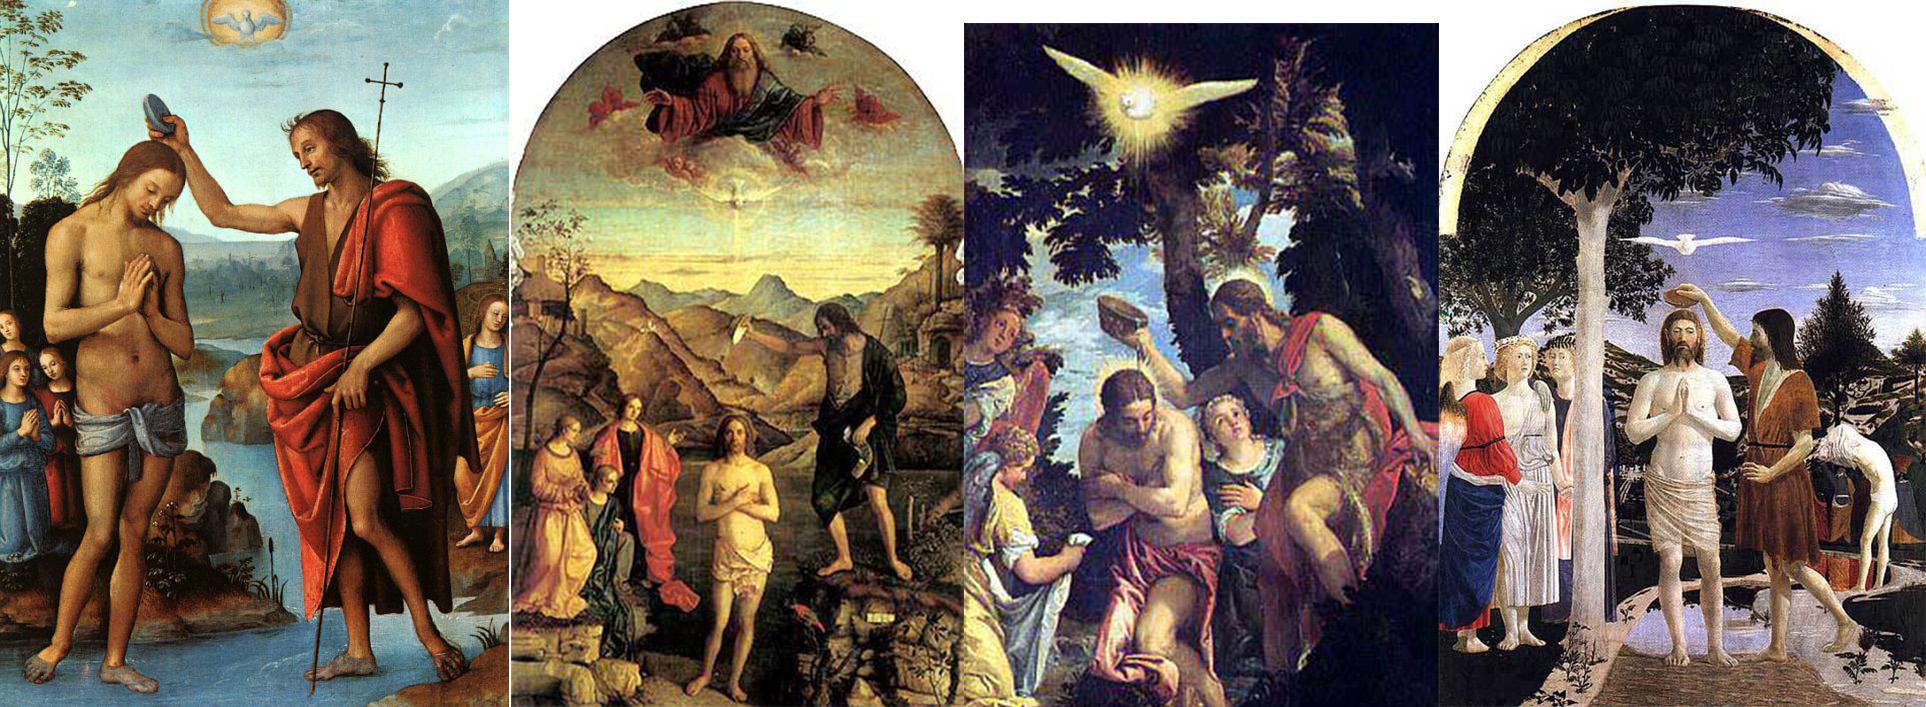 OVNIs en pinturas antiguas TopTen (Explicación) | evidenciax